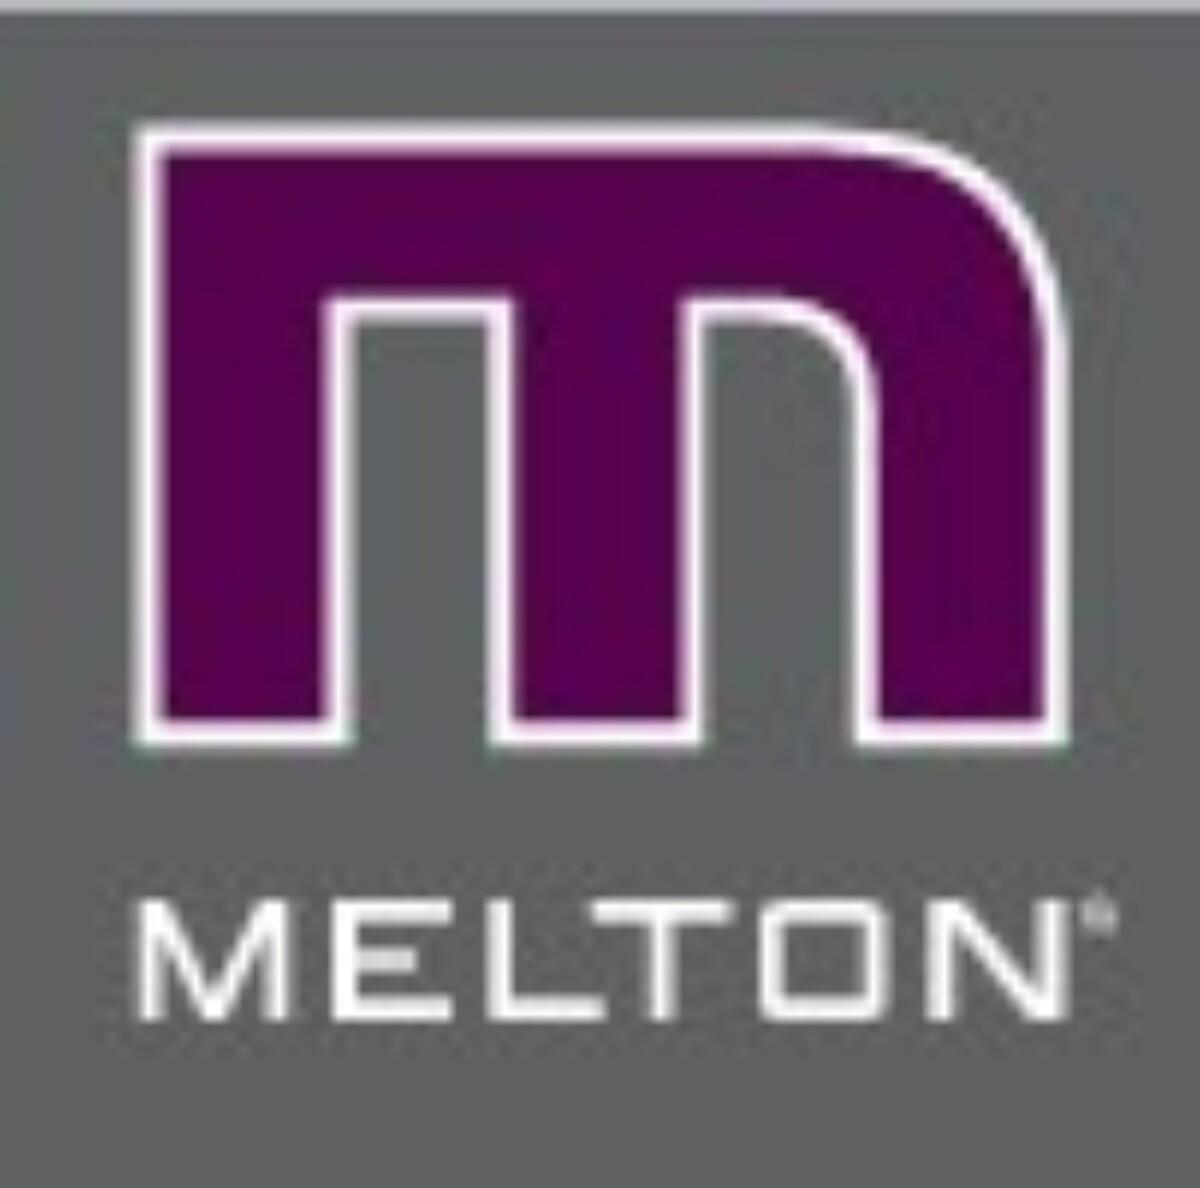 MELTON - ANTISKLISOKKER KOALA LIGHT GREY MELANGE TERRY